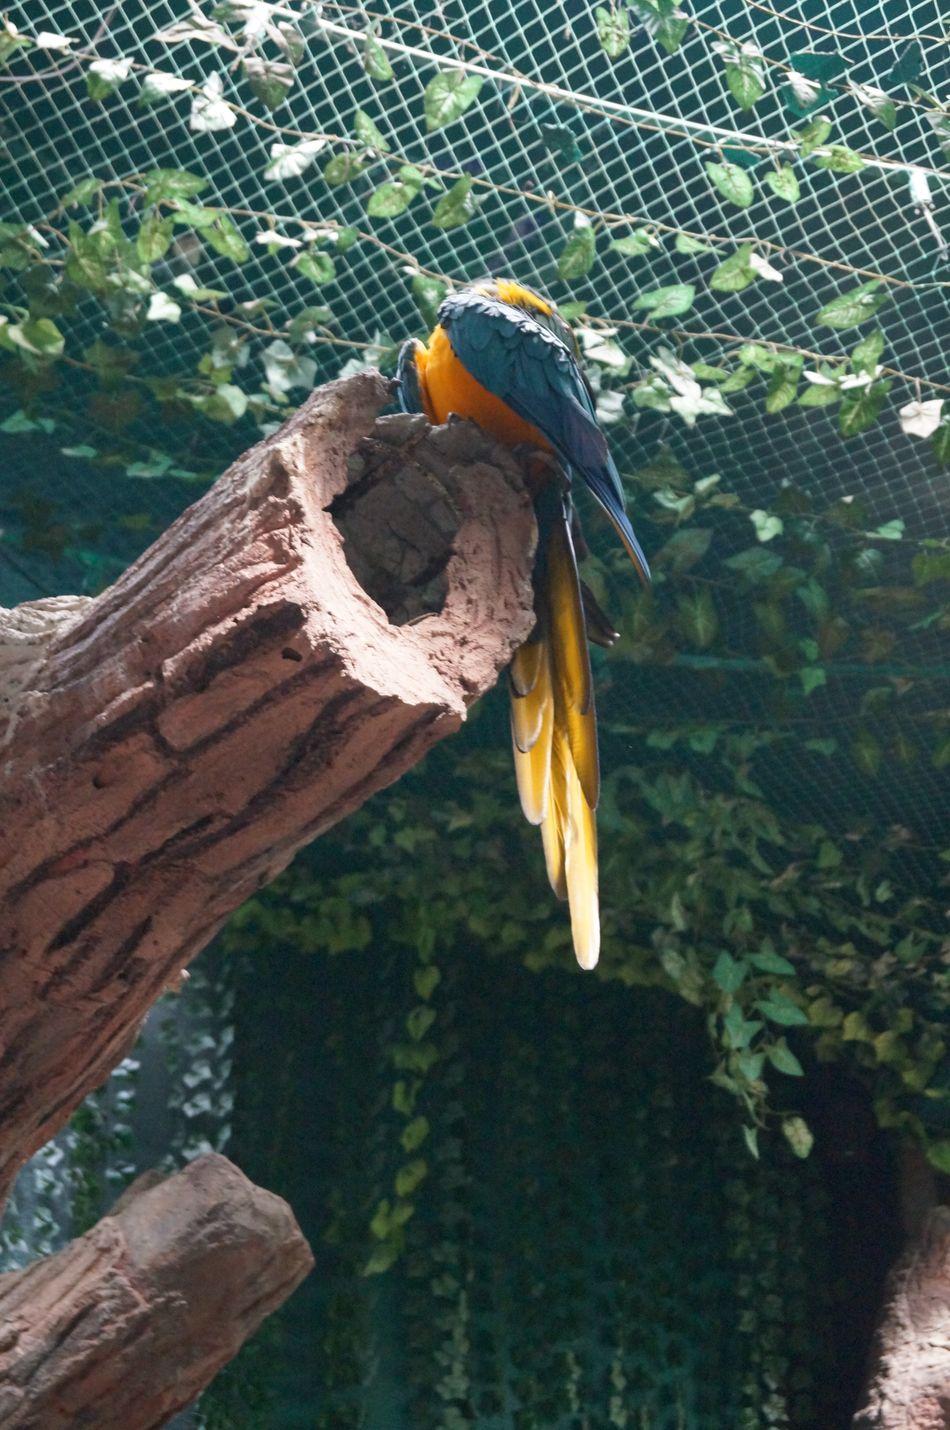 #Amarillo #animal #Azul #birds #Blue #captivity #guacamaya #macaw #naturecolors #park #Pets #yellow